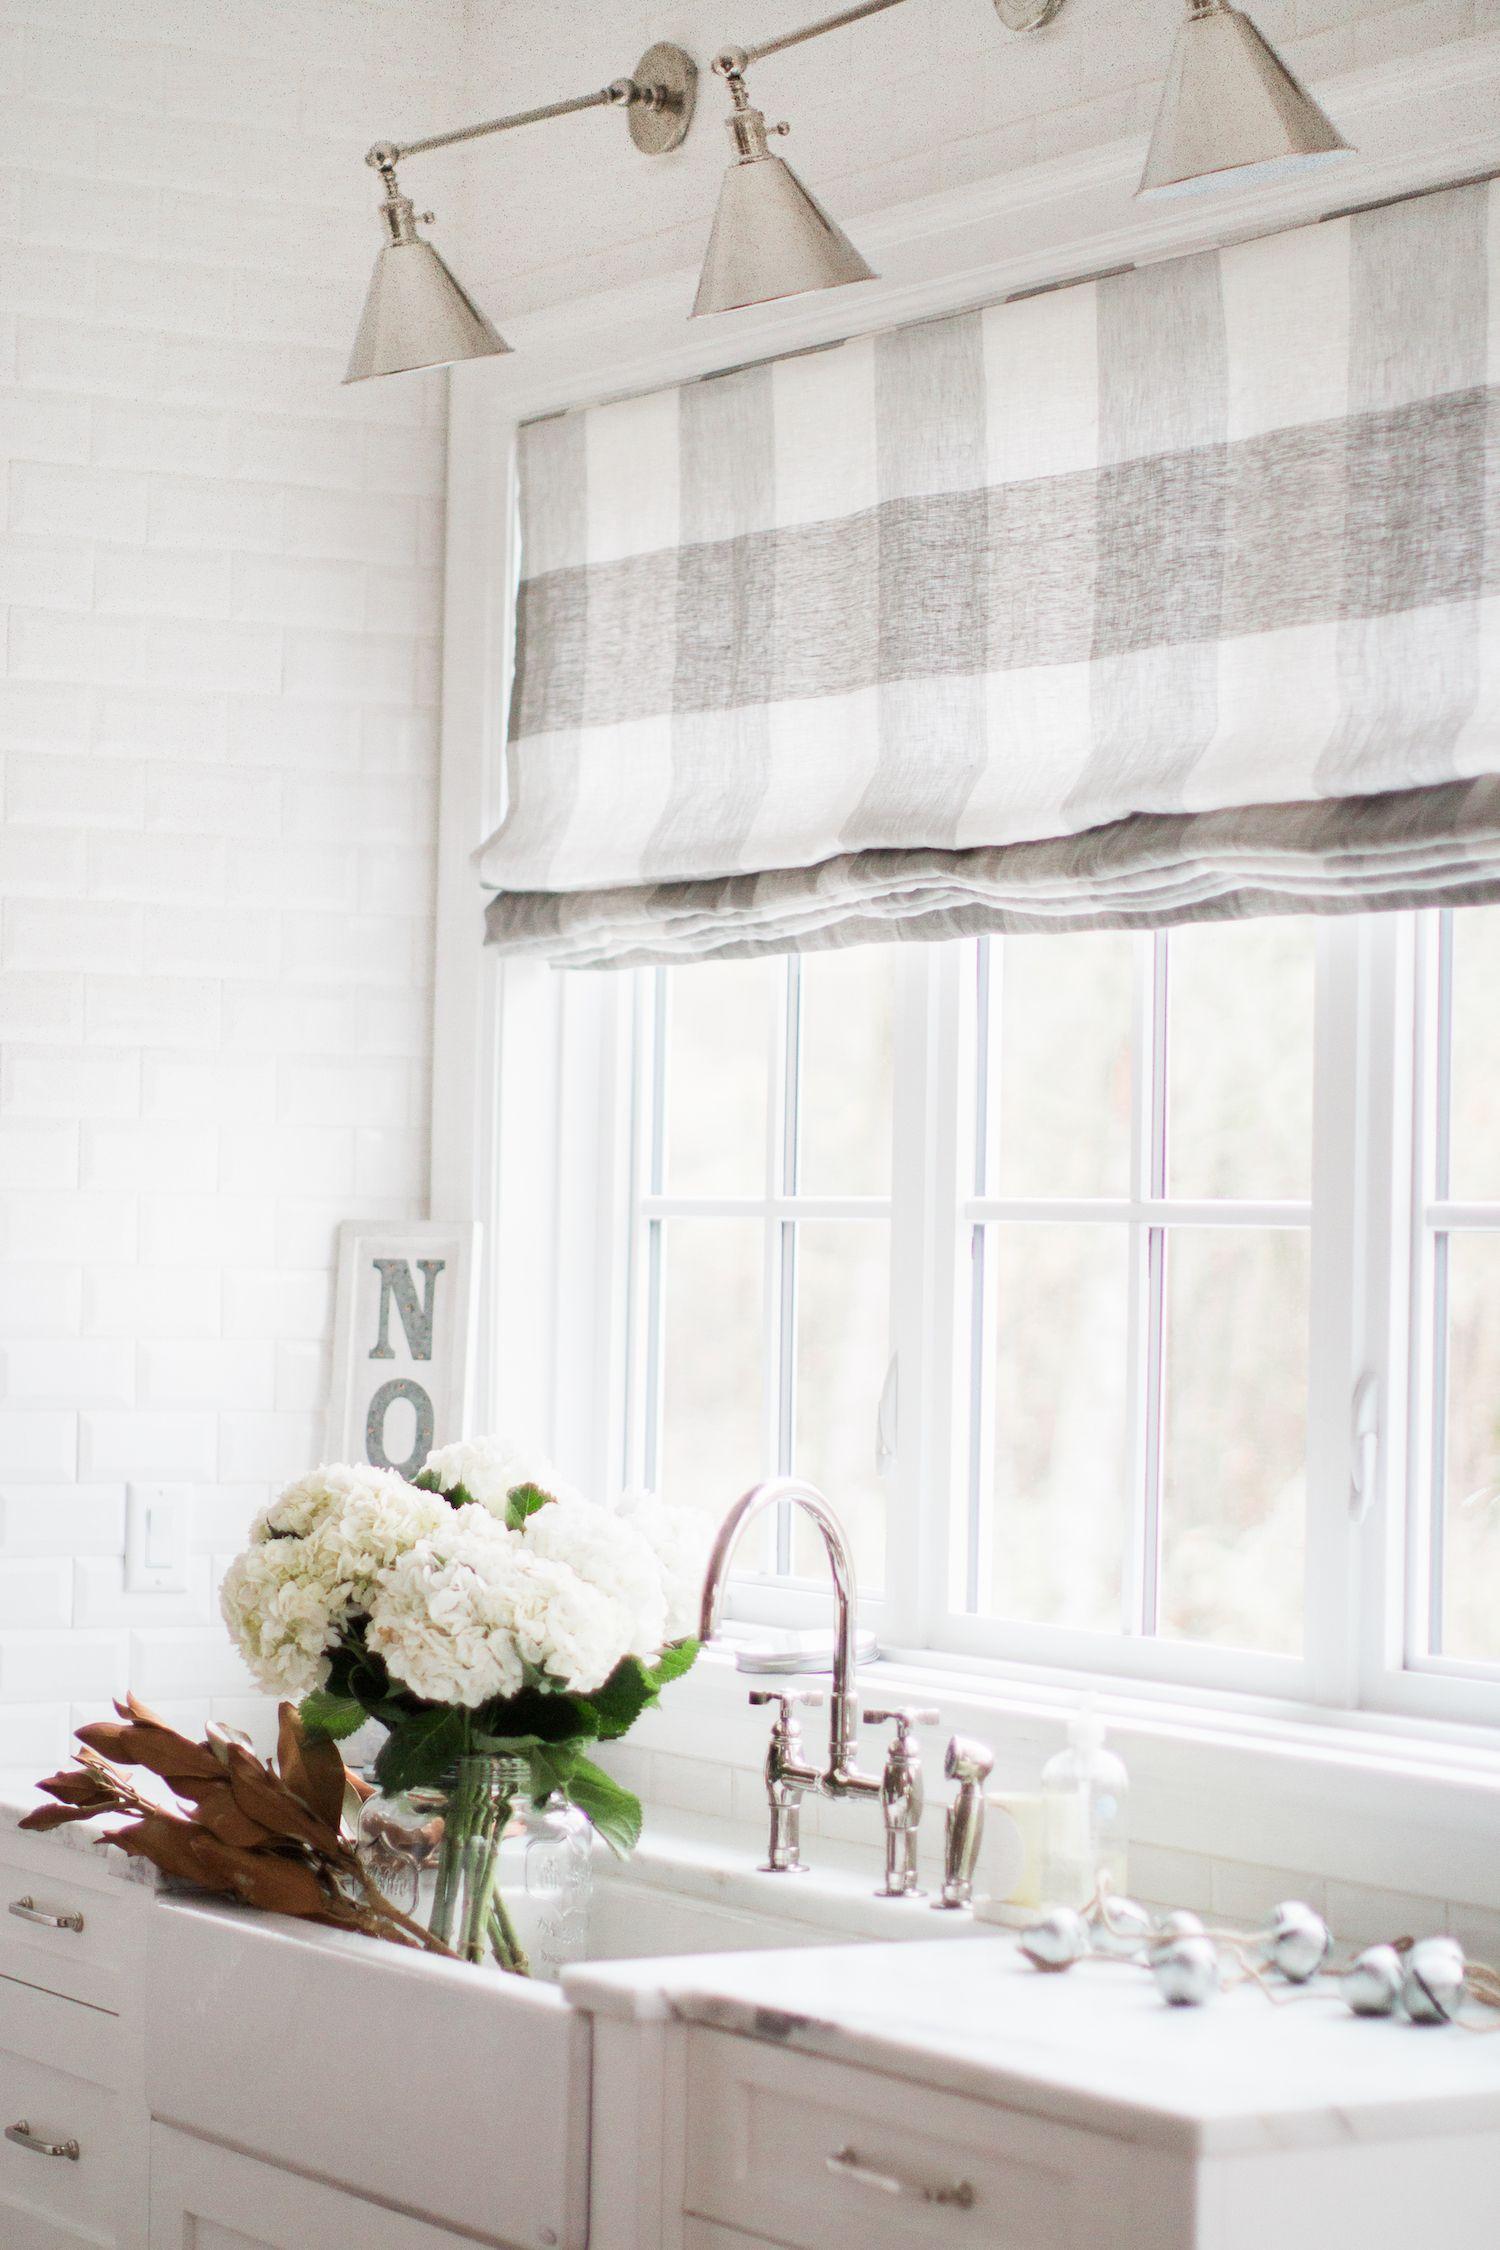 Low window behind kitchen sink  pin by agata errata on wewnątrz  pinterest  home kitchen and